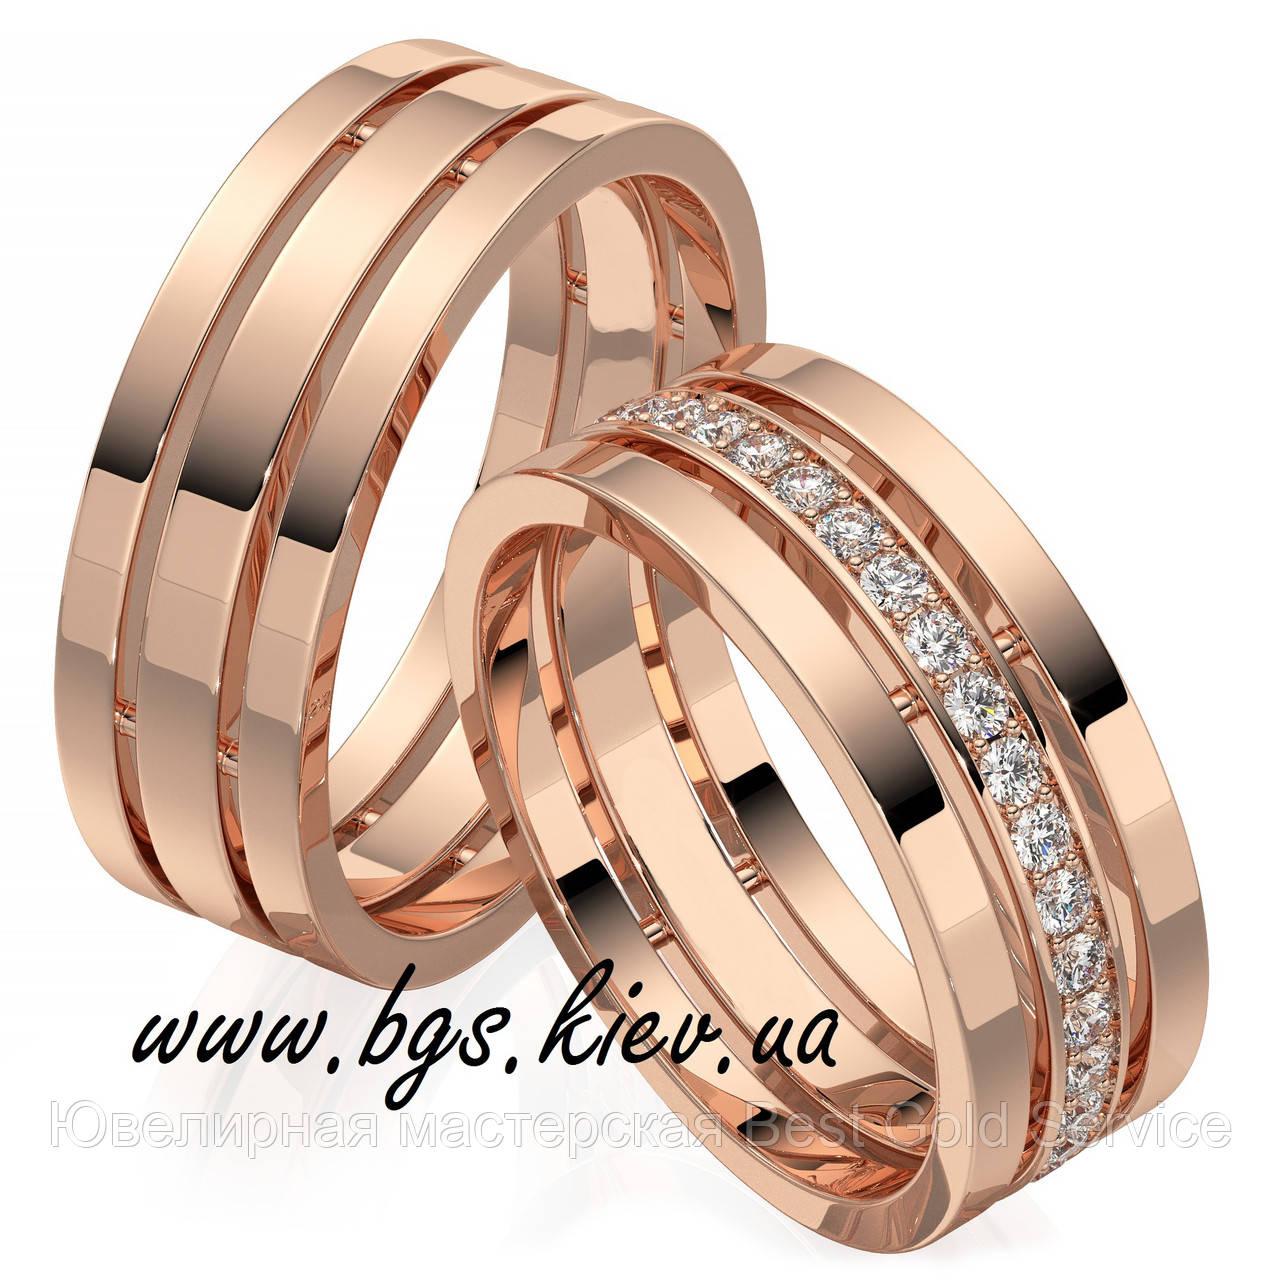 a11b4bf84290 Обручальные кольца на заказ из желтого золота   продажа, цена в ...